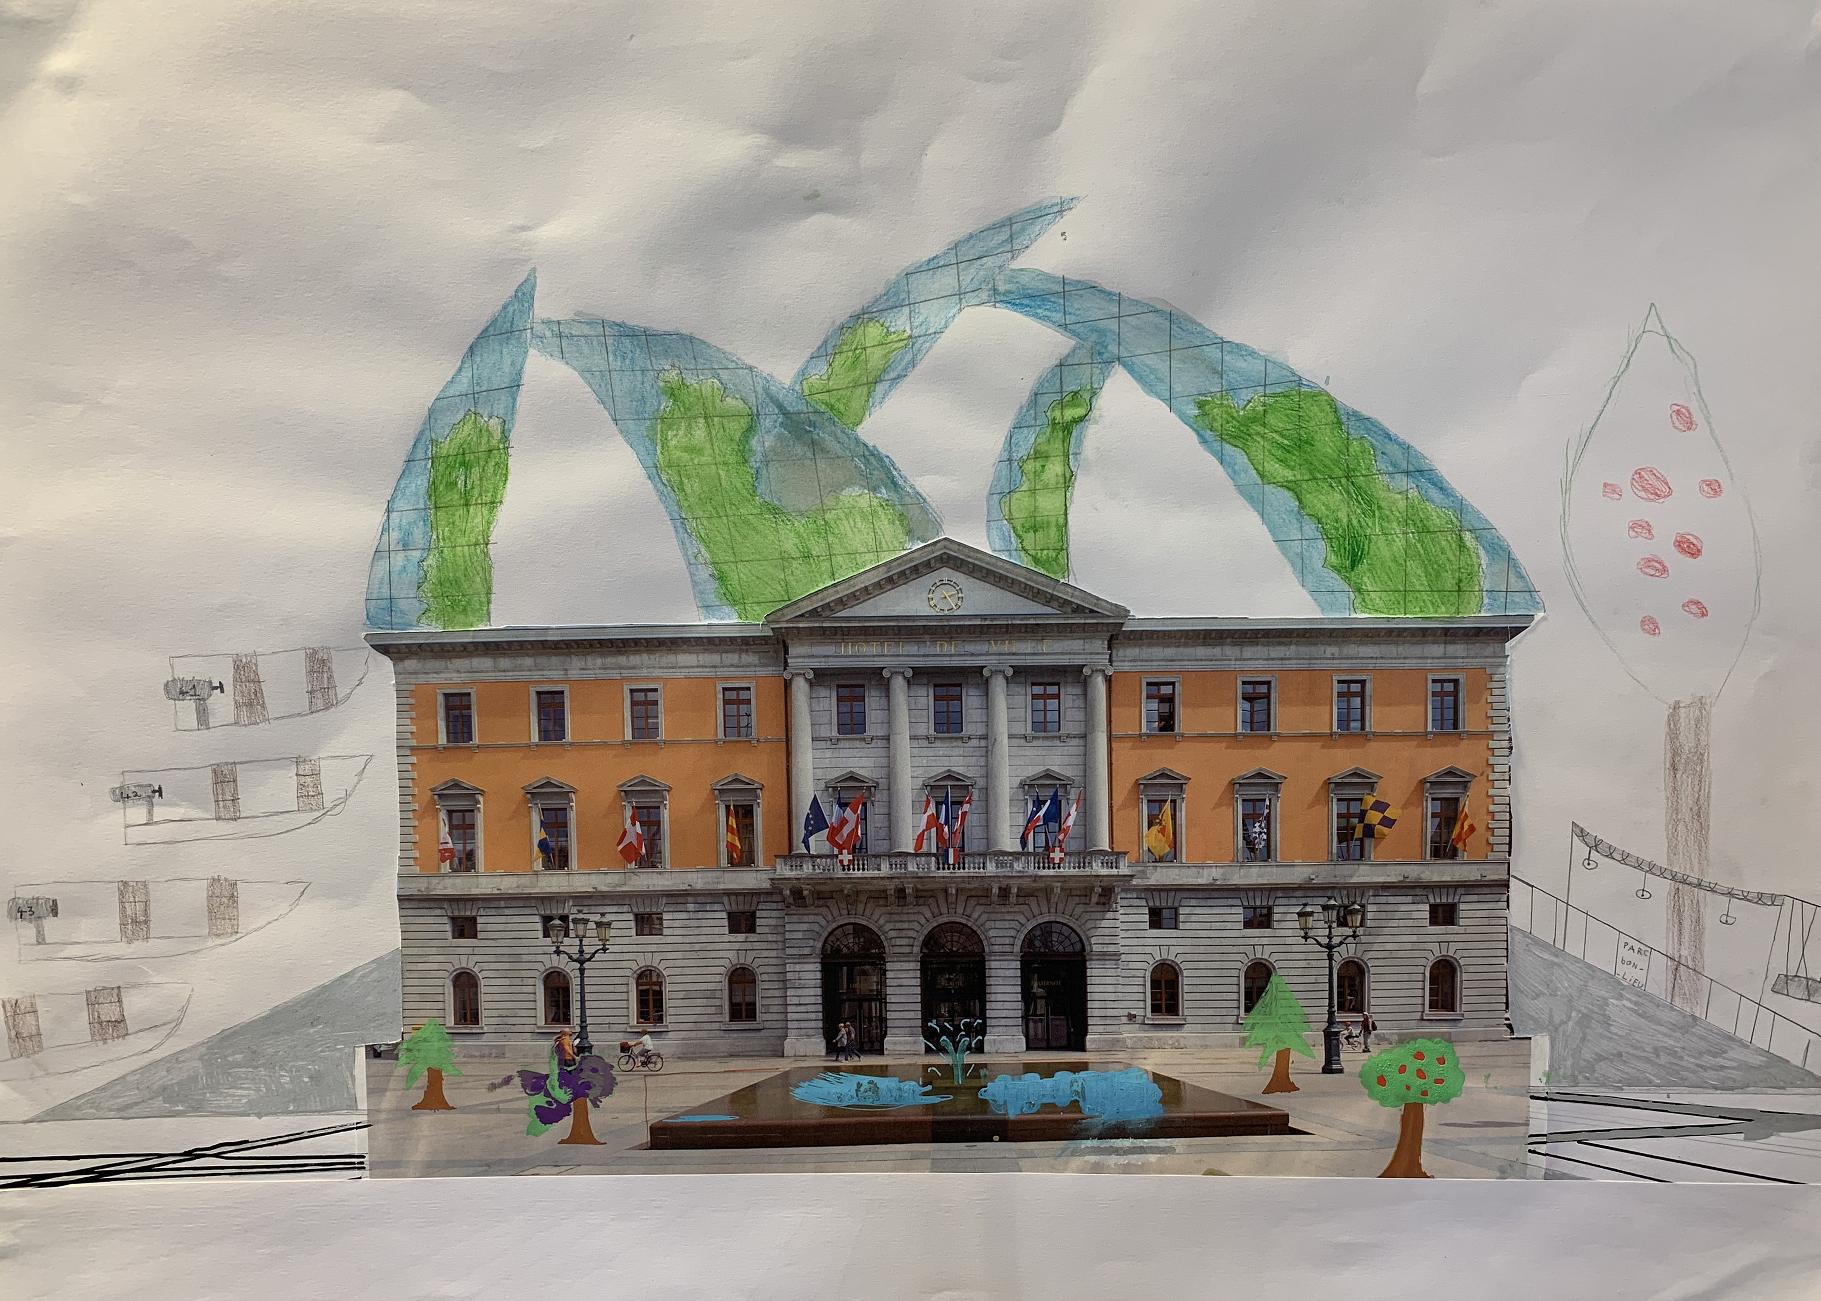 (PHOTOS) À l'école du quai Jules-Philippe, on a transformé l'incendie de la mairie d'Annecy en projet éducatif